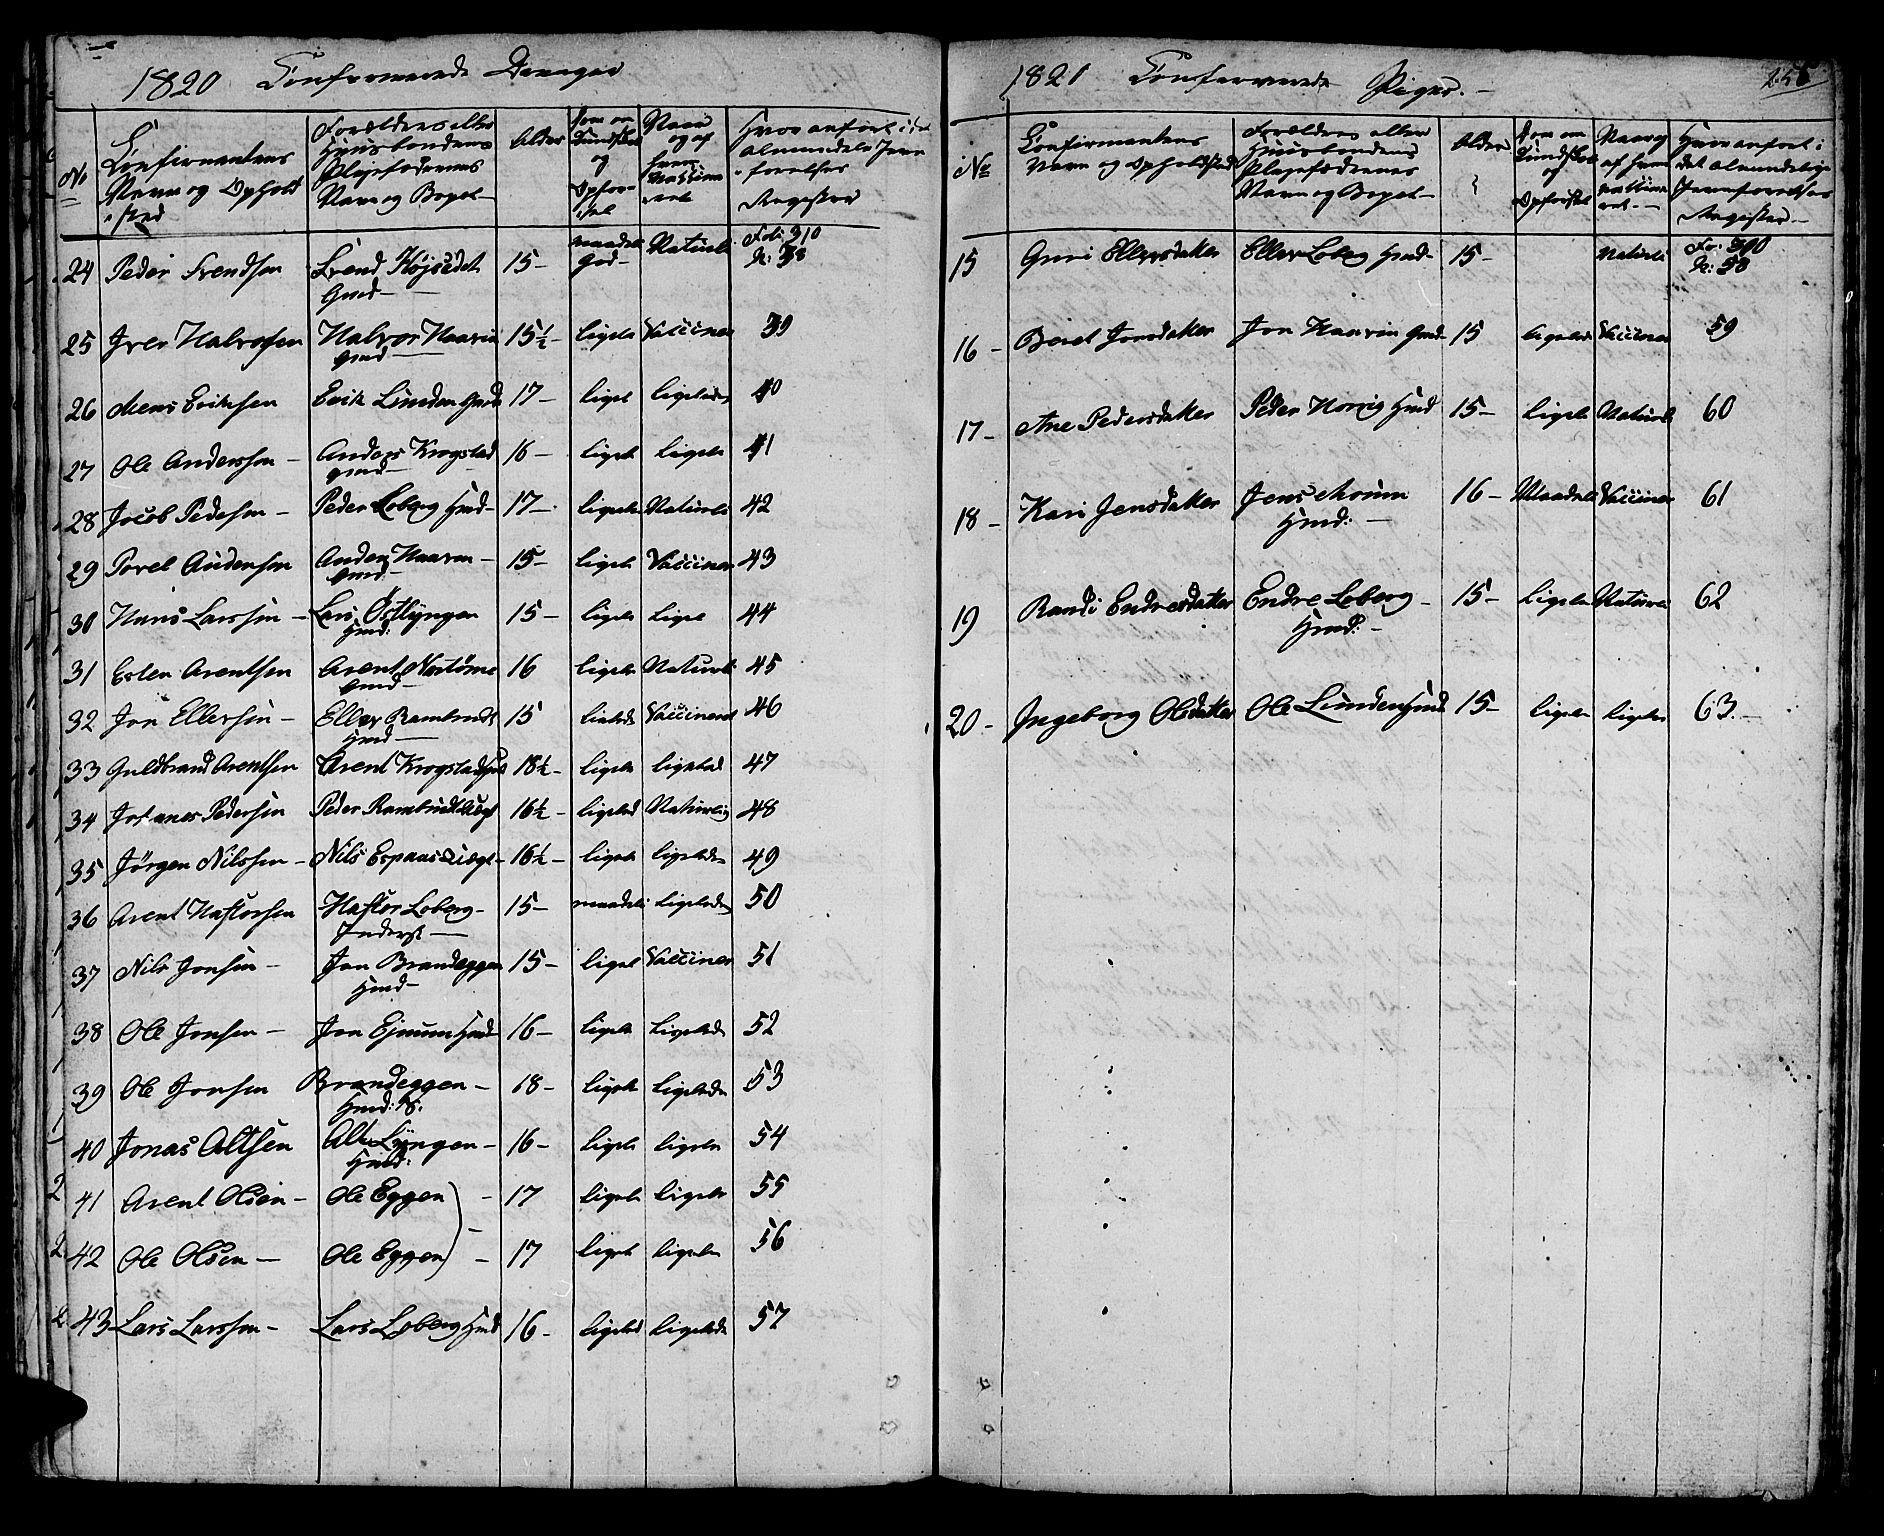 SAT, Ministerialprotokoller, klokkerbøker og fødselsregistre - Sør-Trøndelag, 692/L1108: Klokkerbok nr. 692C03, 1816-1833, s. 255